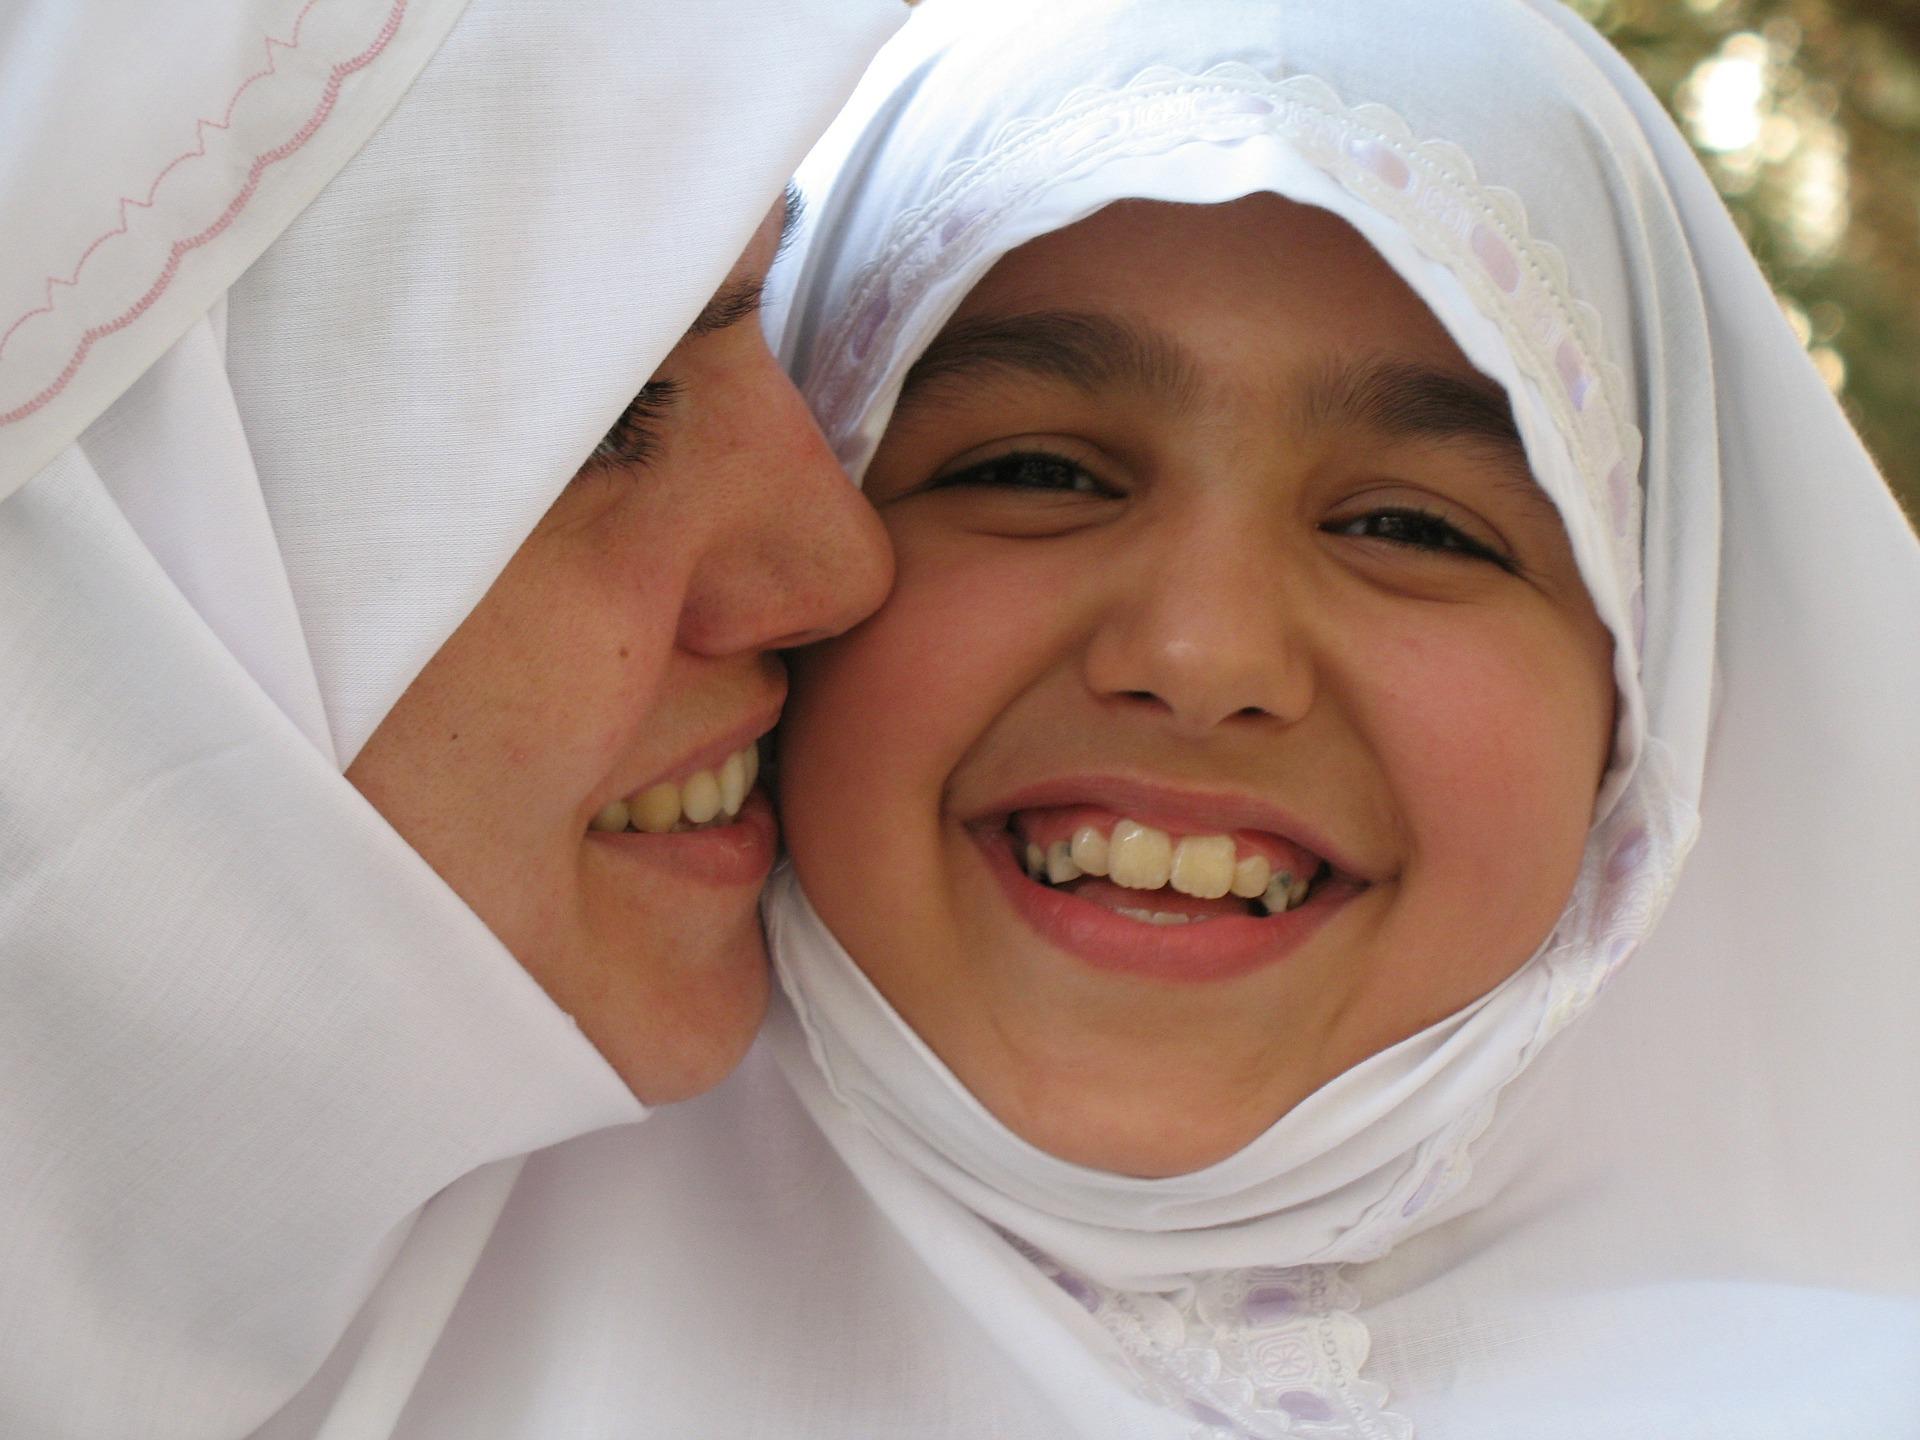 kasih sayang ibu - artikel kasih sayang ibu kepada anaknya - contoh kasih sayang ibu kepada anaknya